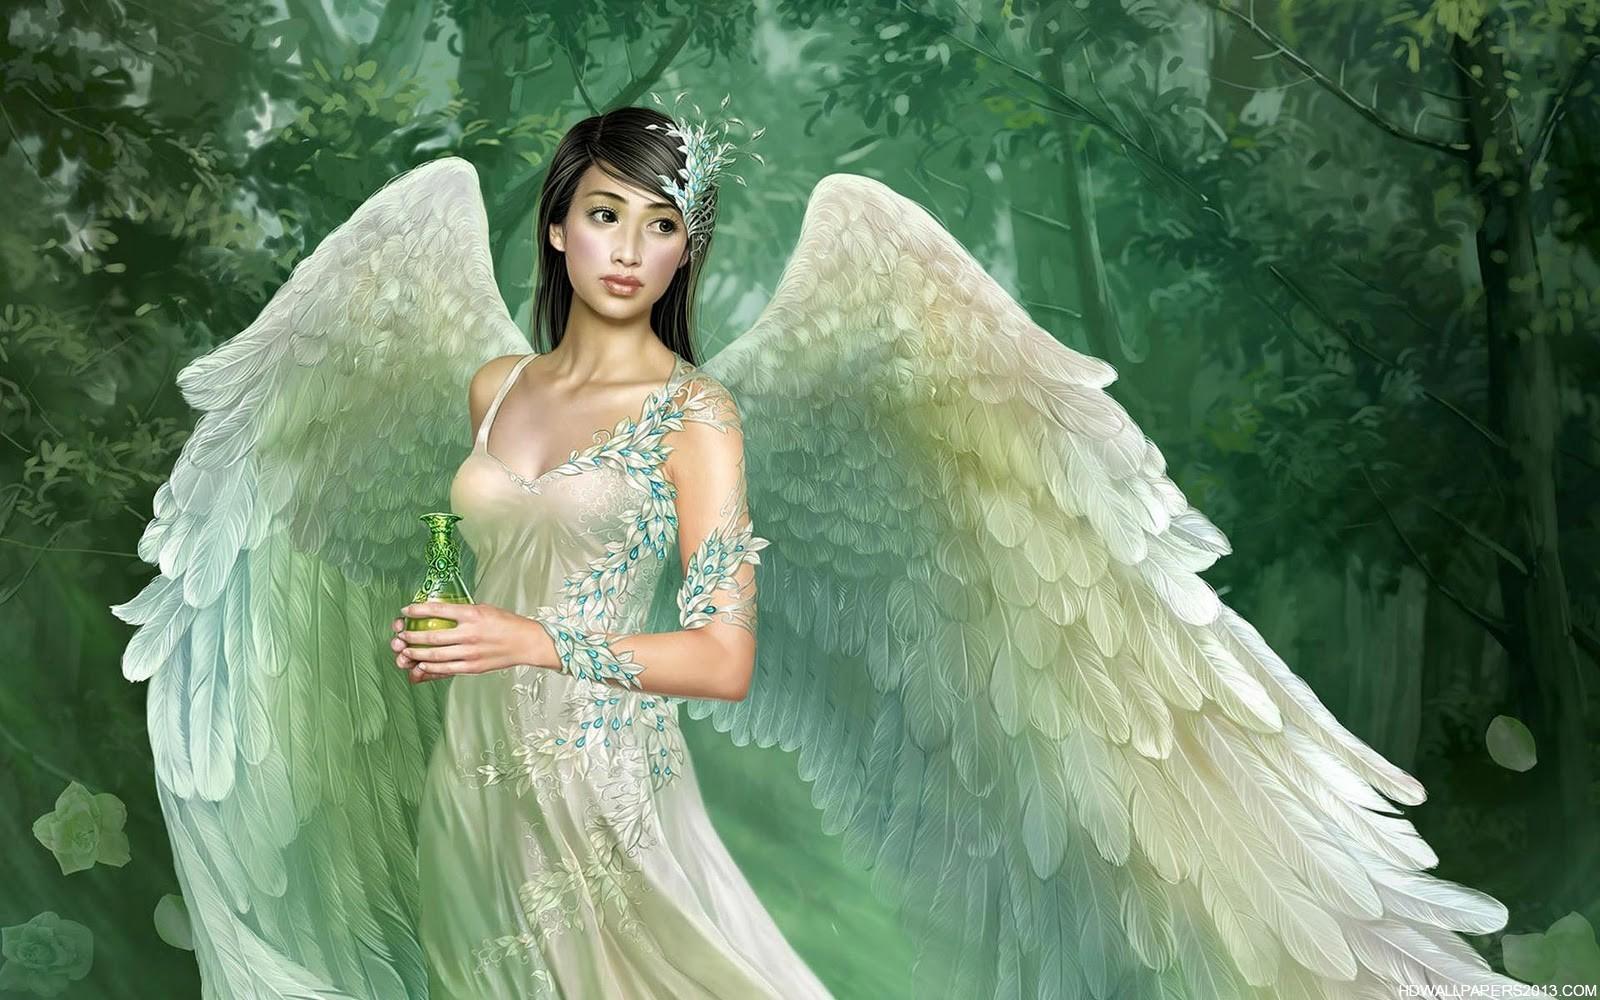 Angel Desktop Wallpapers HD Wallpapers Angel Desktop Wallpapers 1600x1000